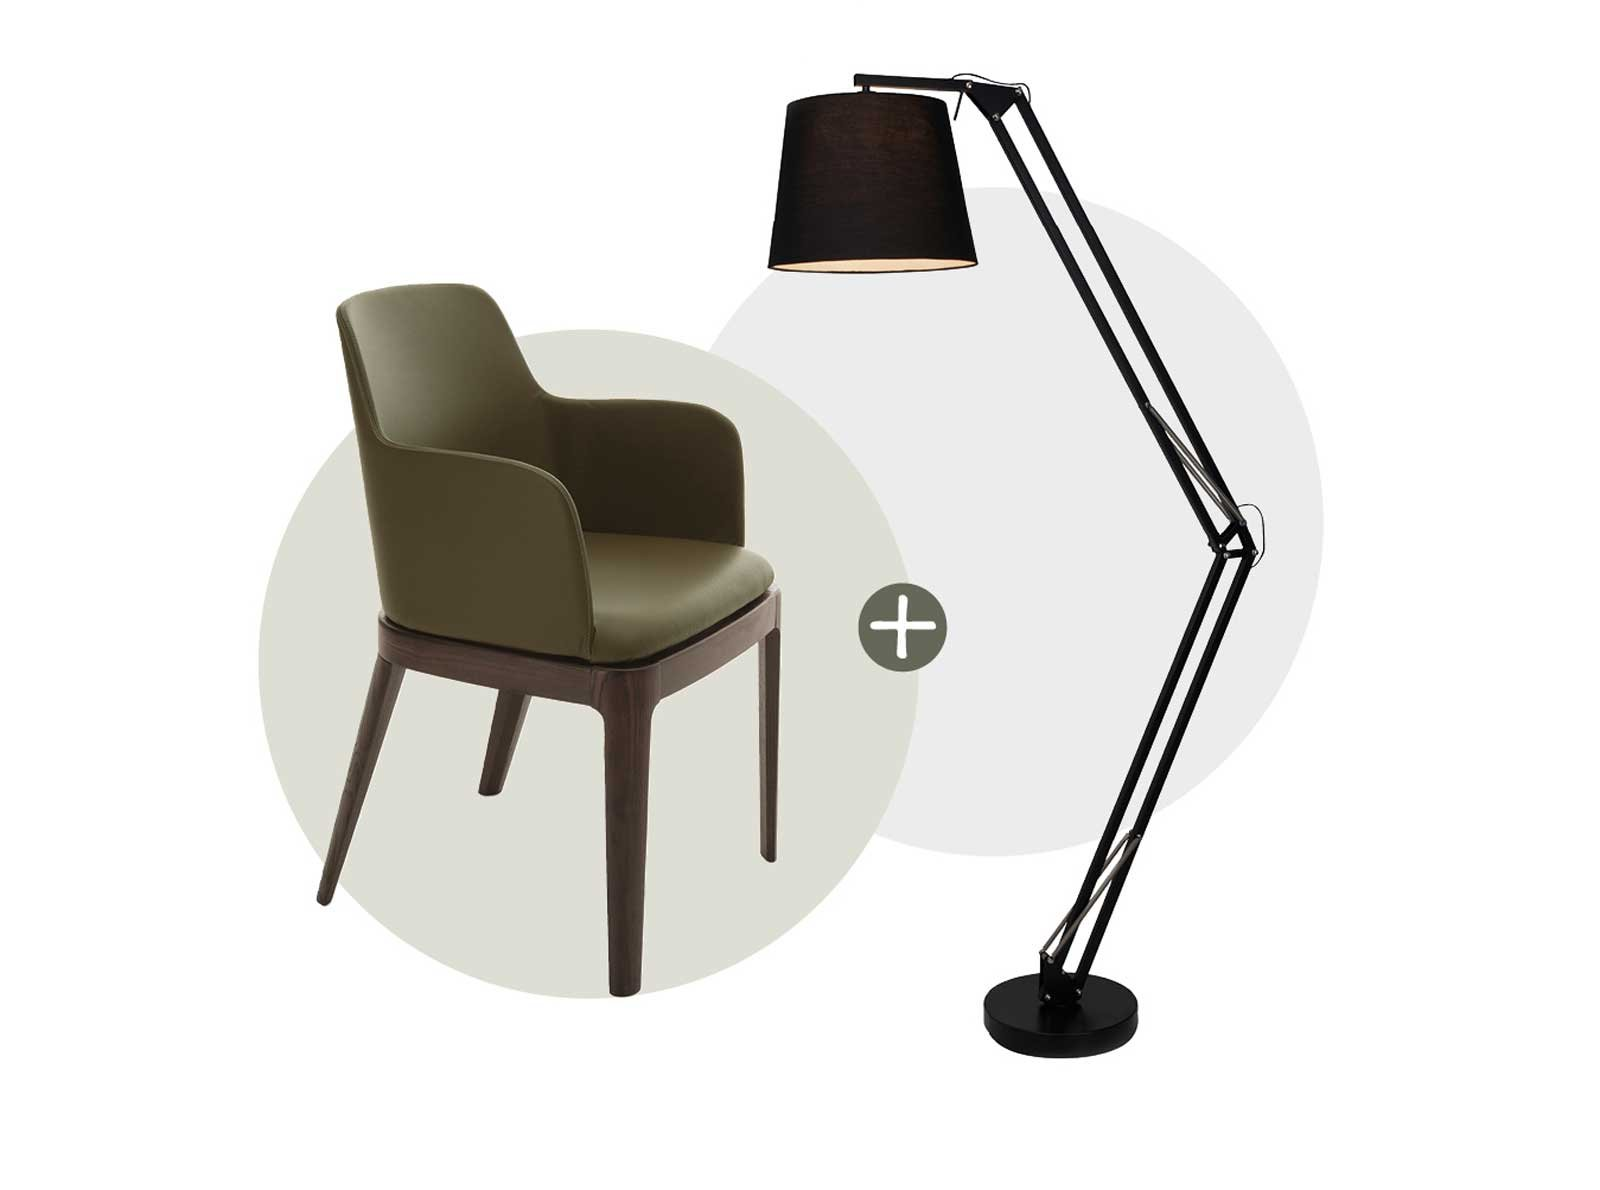 Tavoli, sedie, lampade: come abbinarli   cose di casa